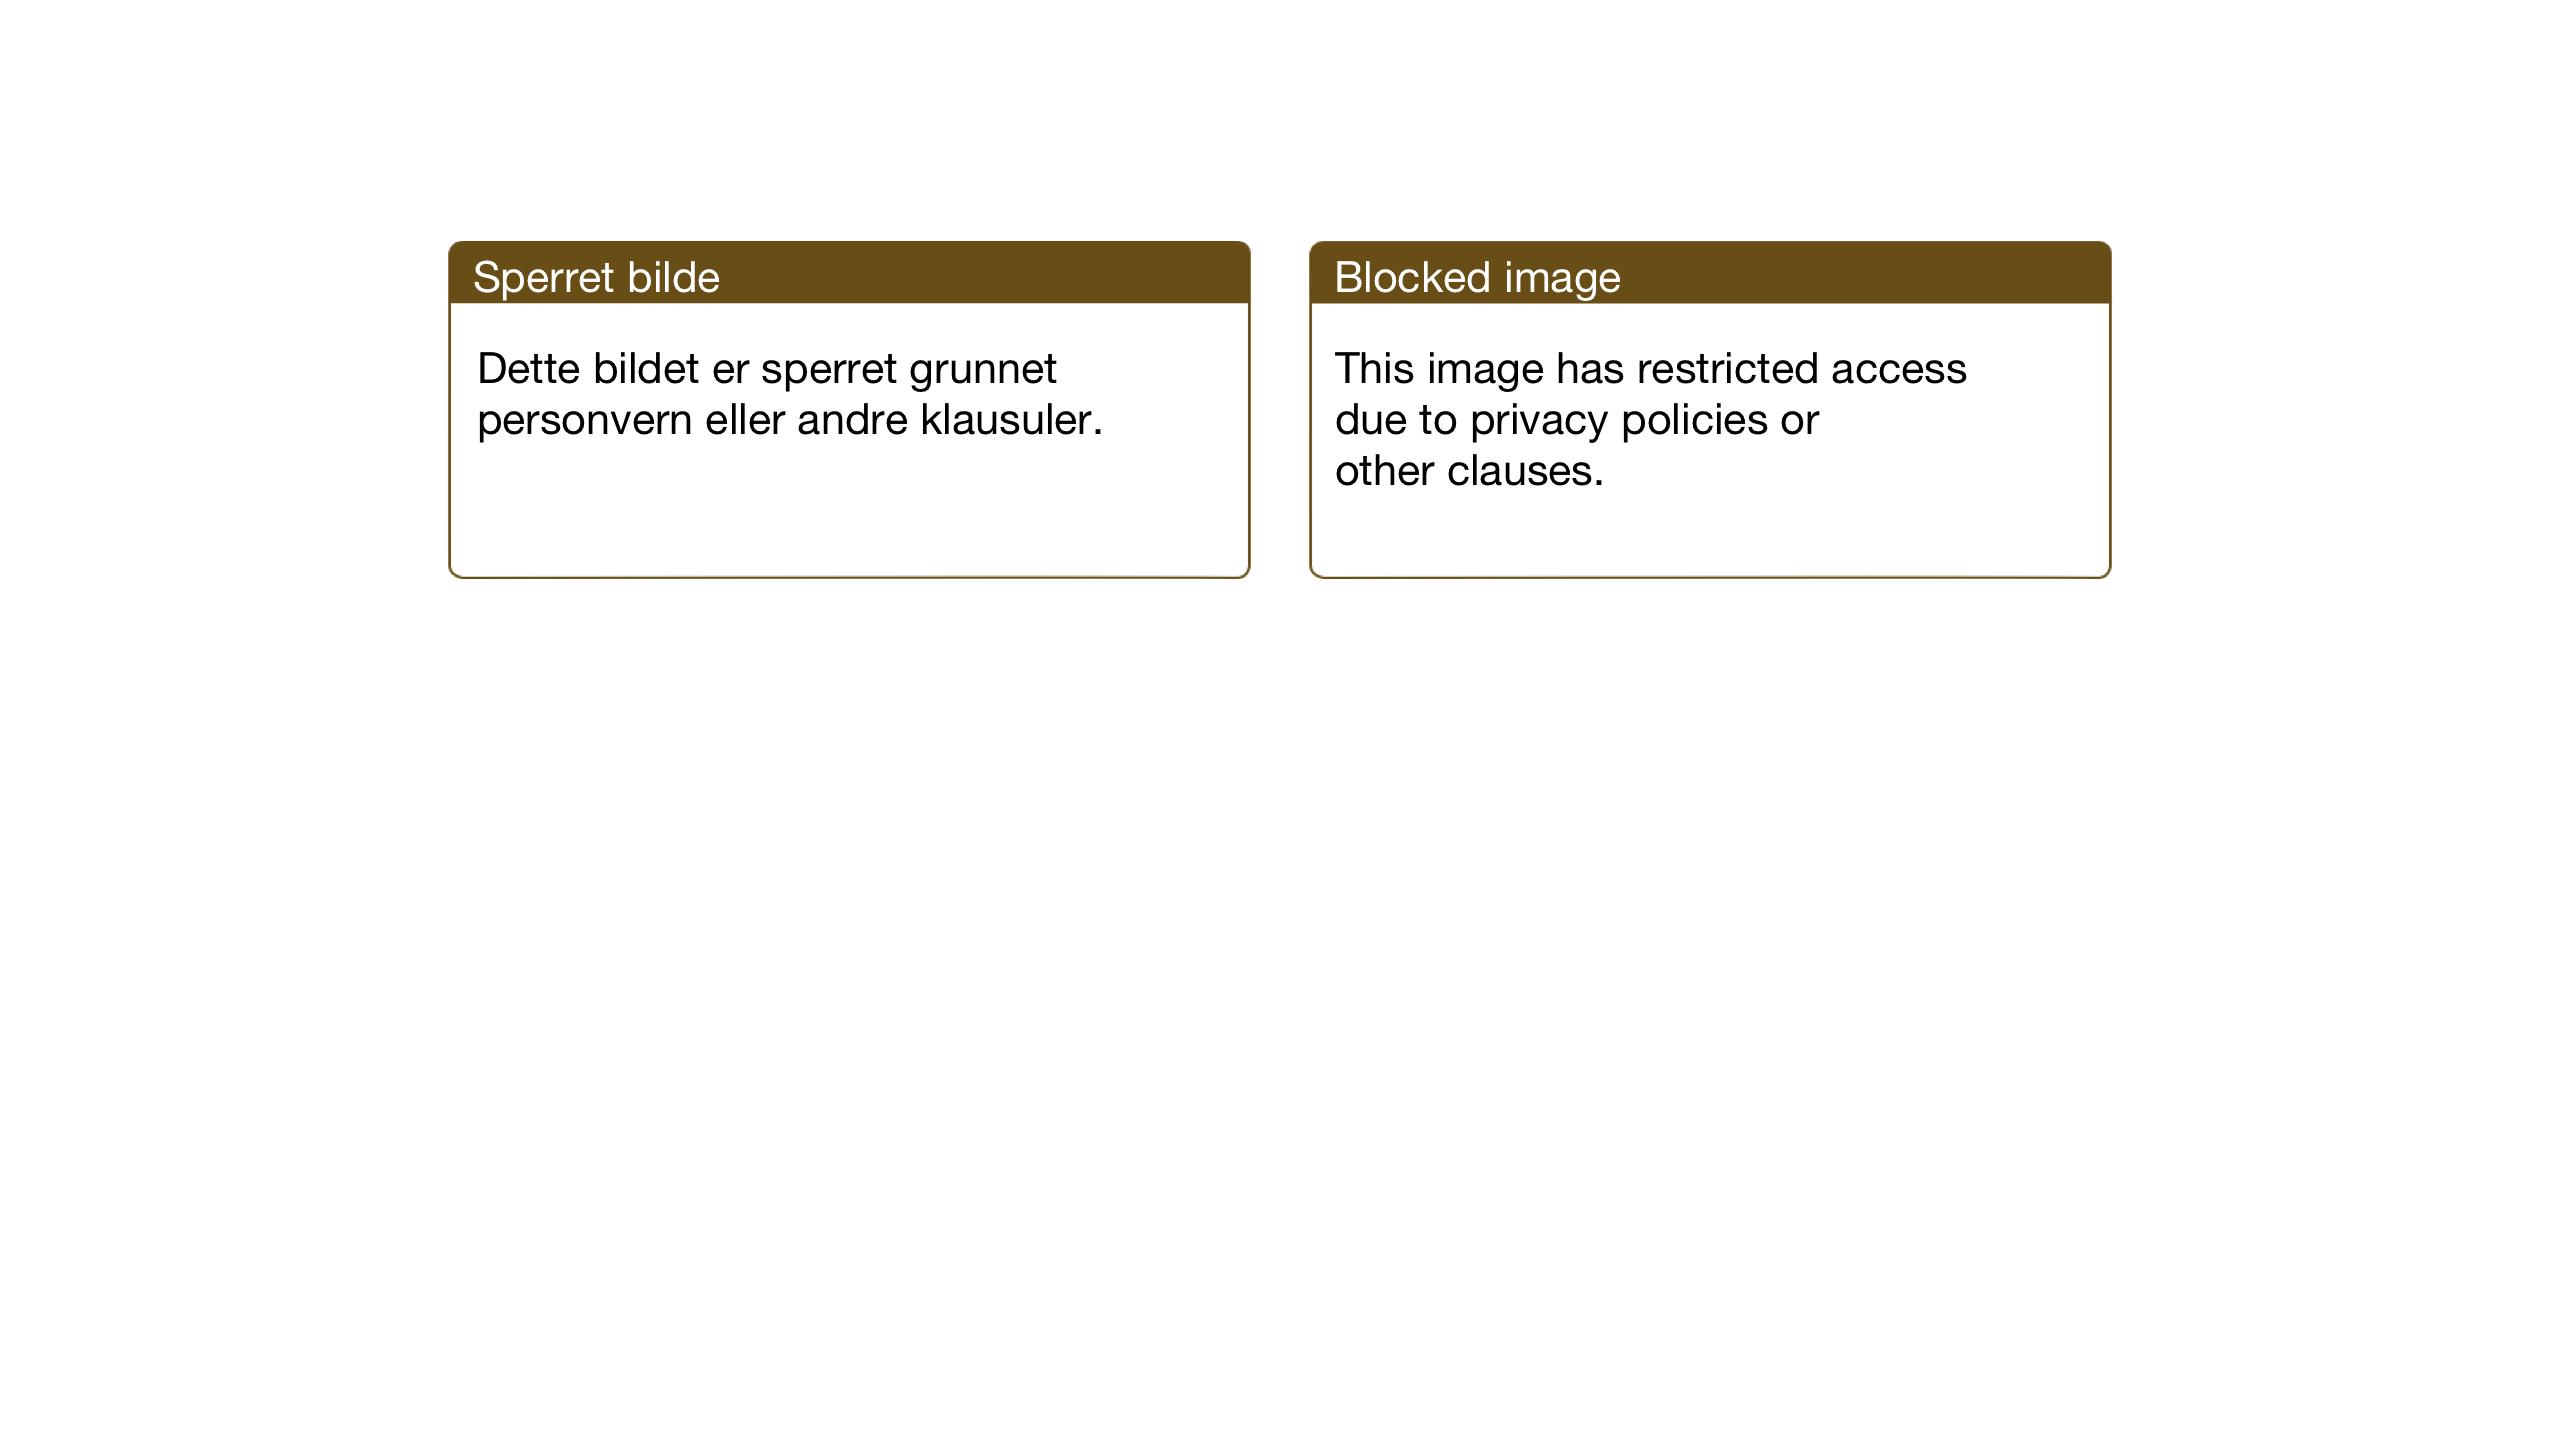 SAT, Ministerialprotokoller, klokkerbøker og fødselsregistre - Sør-Trøndelag, 604/L0228: Klokkerbok nr. 604C11, 1928-1950, s. 206